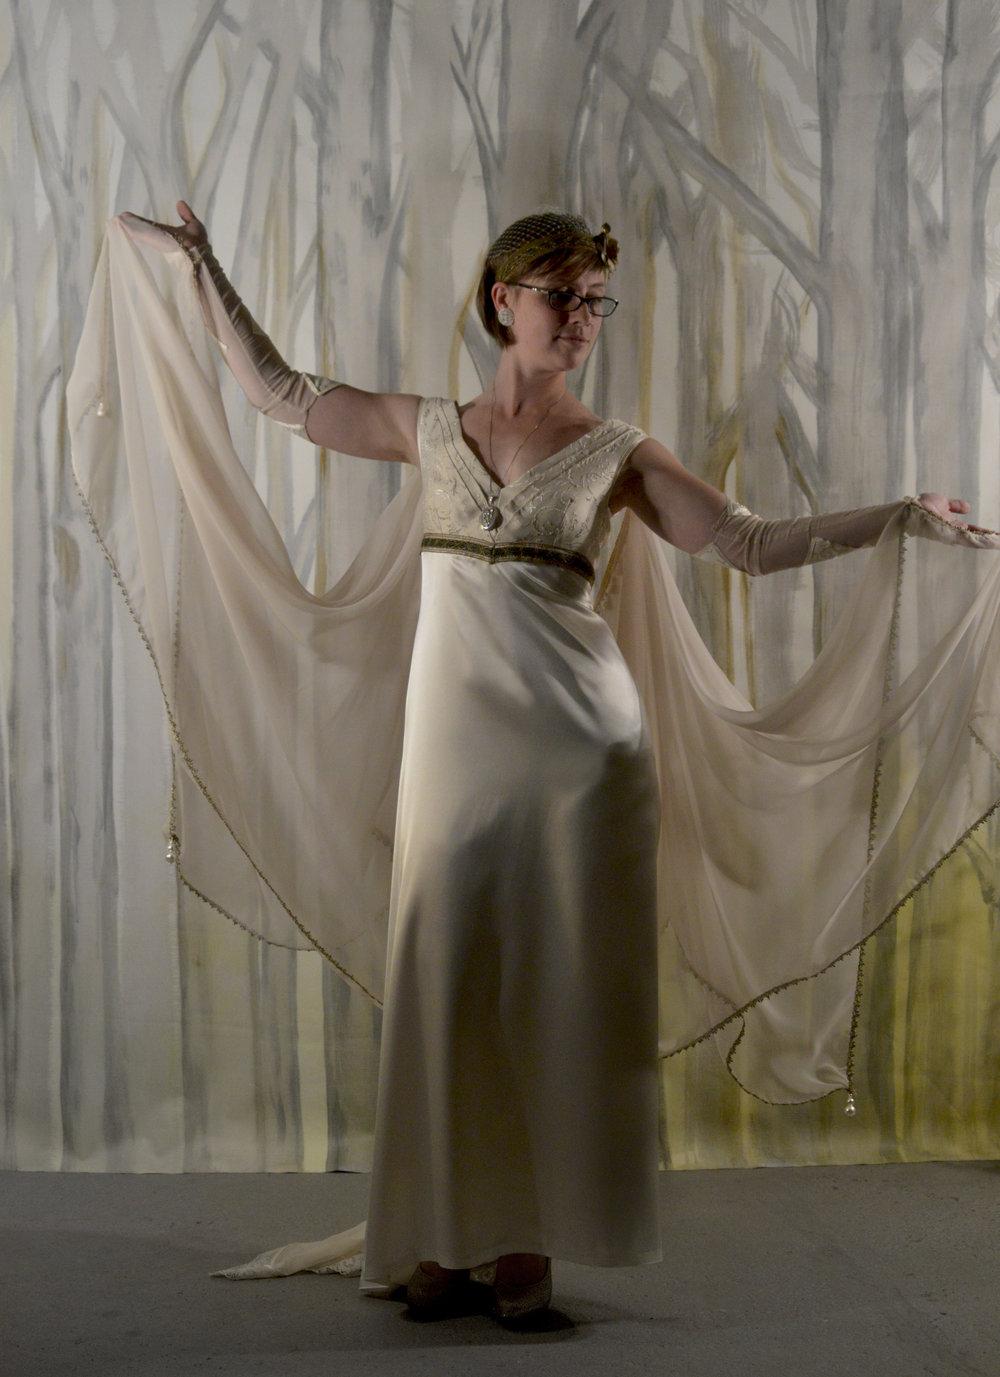 cassandra+gown+1.jpg